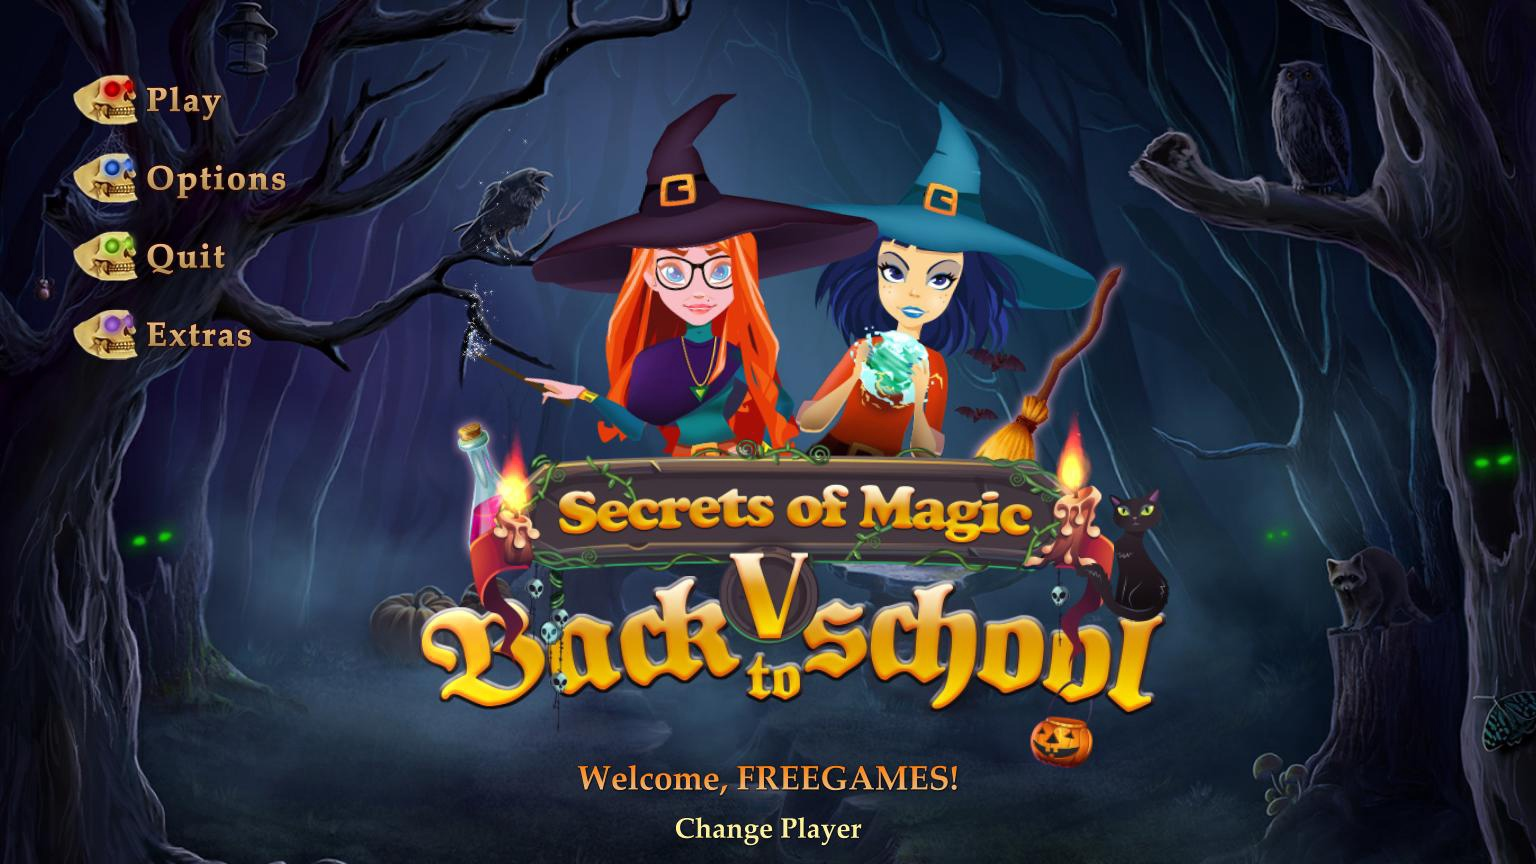 Секреты магии 5: Возвращение в школу | Secrets of Magic 5: Back to School (En)